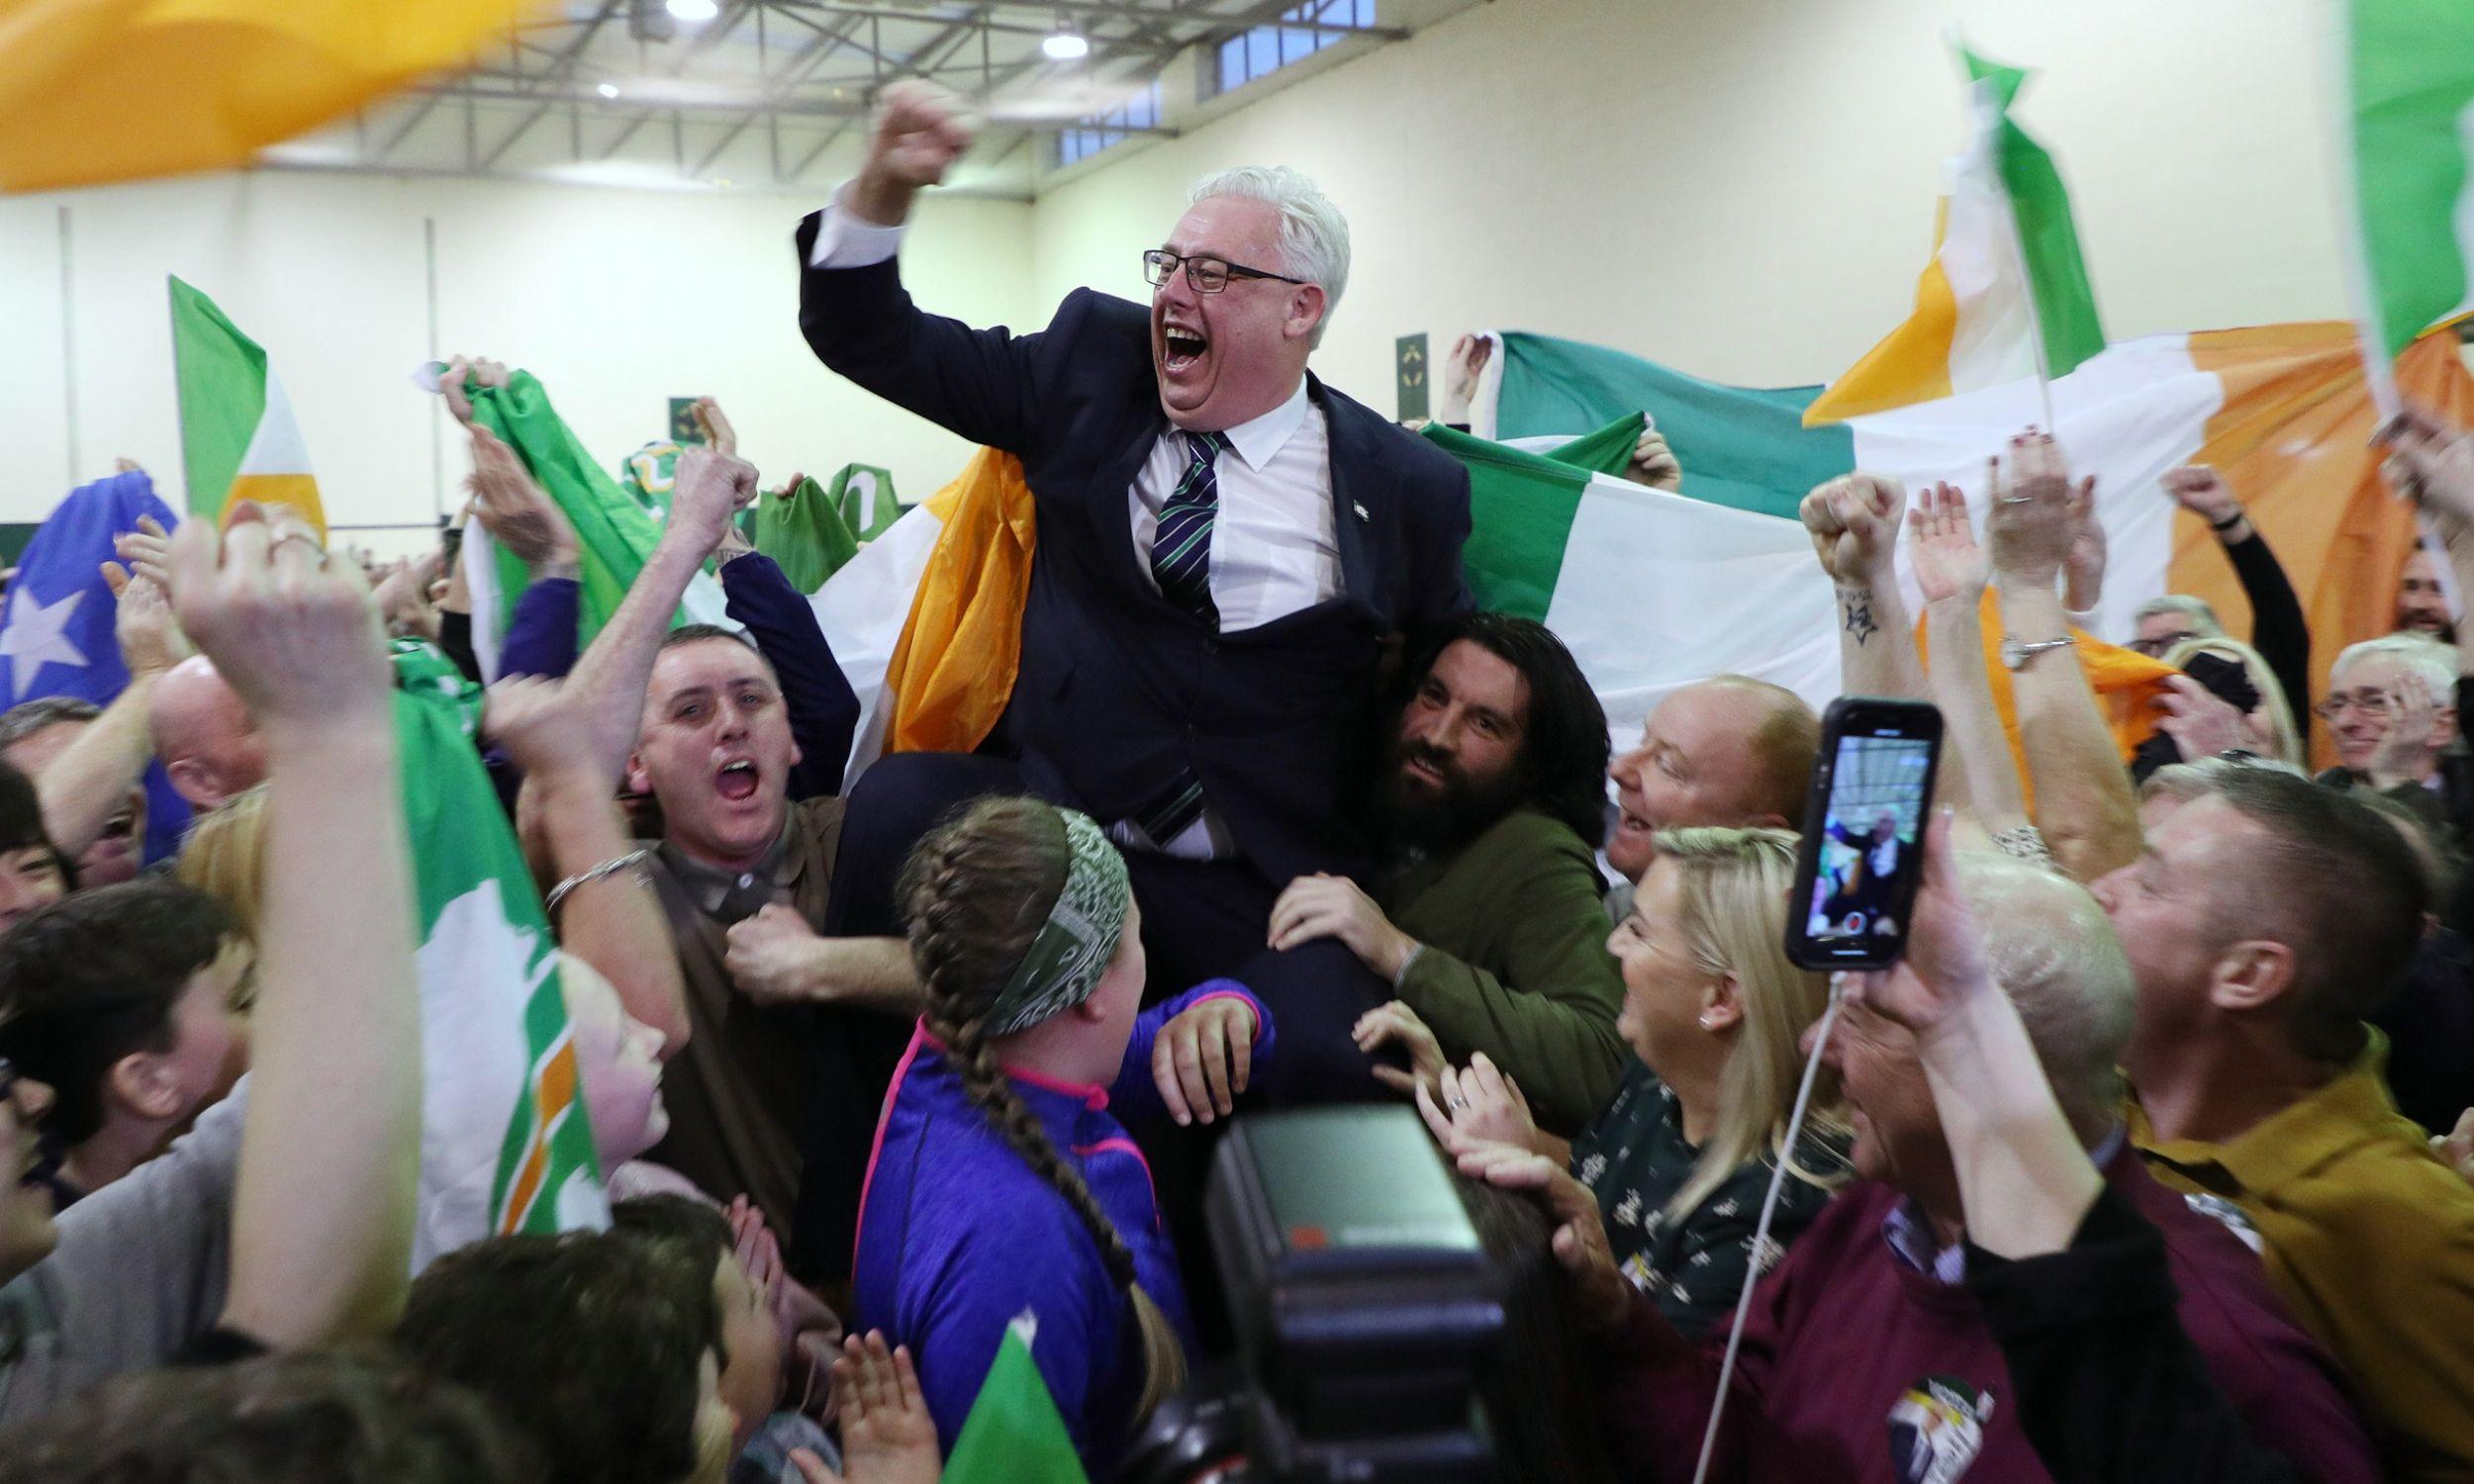 Thomas Gould z Sinn Fein świętuje wybór do parlamentu Irlandii, 9 lutego 2020 r. w Cork. Fot.  Yui Mok / PA Images via Getty Images